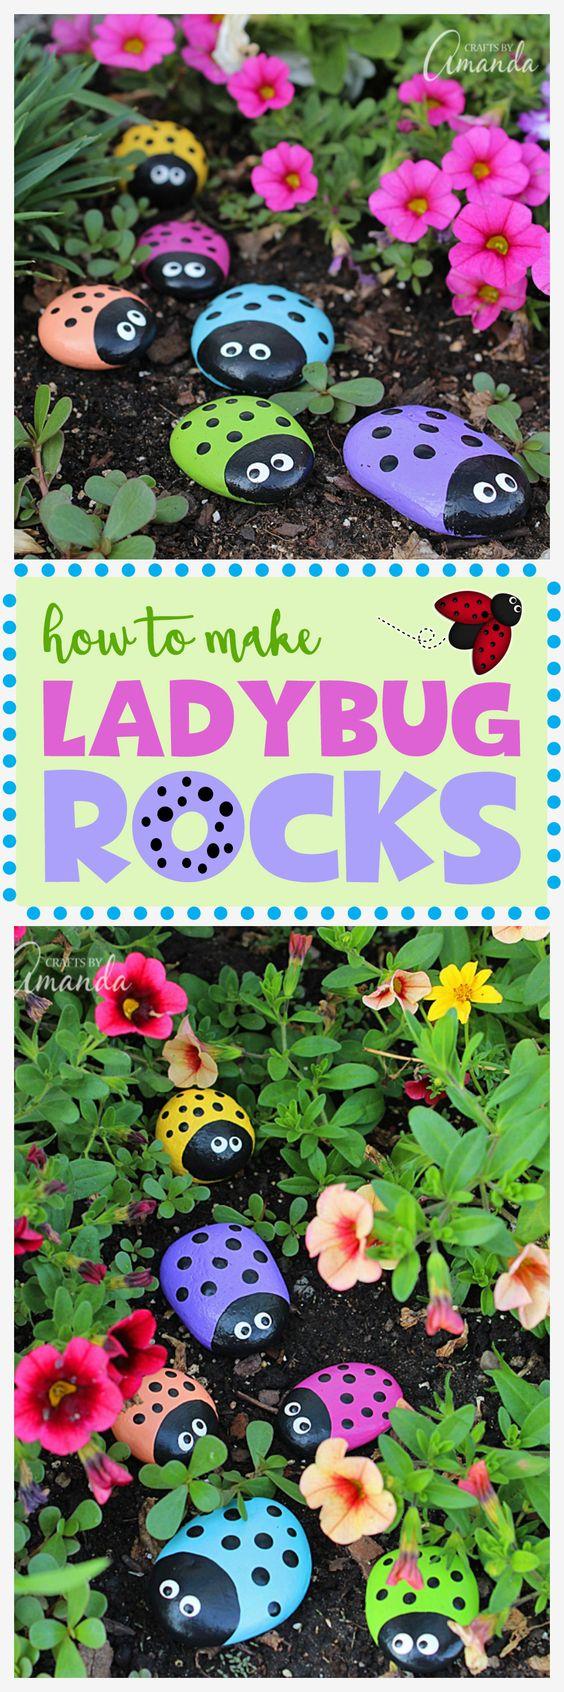 Ladybug Painted Rocks.